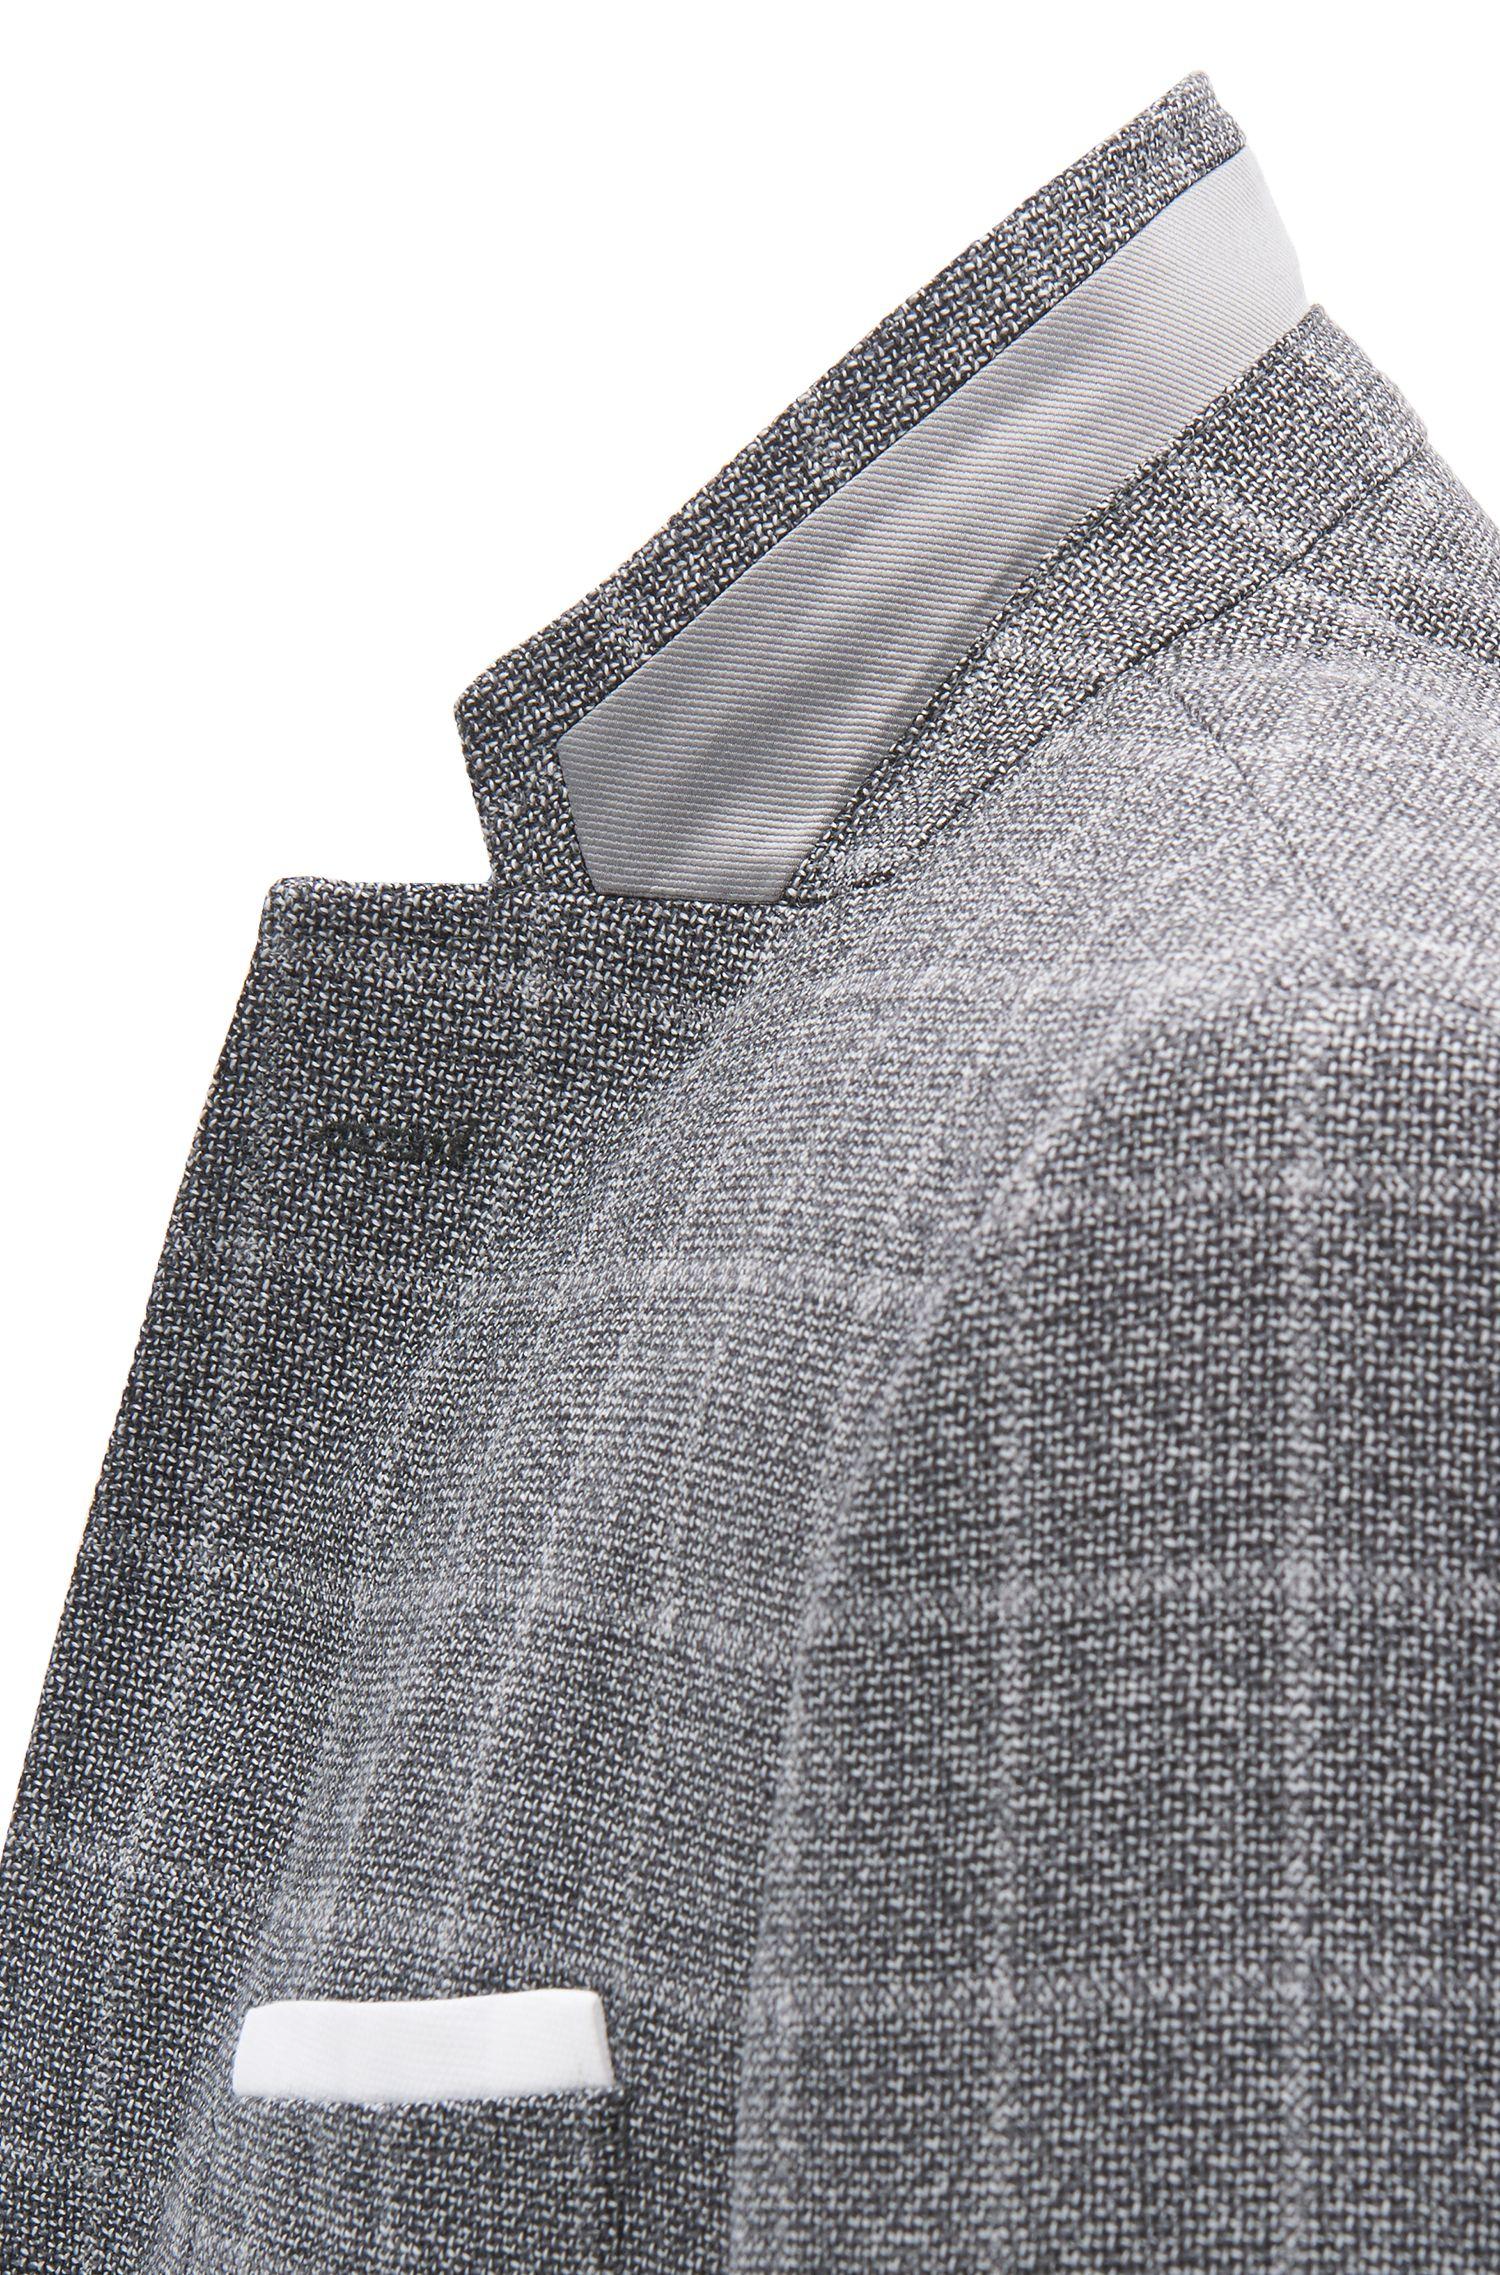 Blazer slim fit in lana vergine con pochette da taschino a contrasto